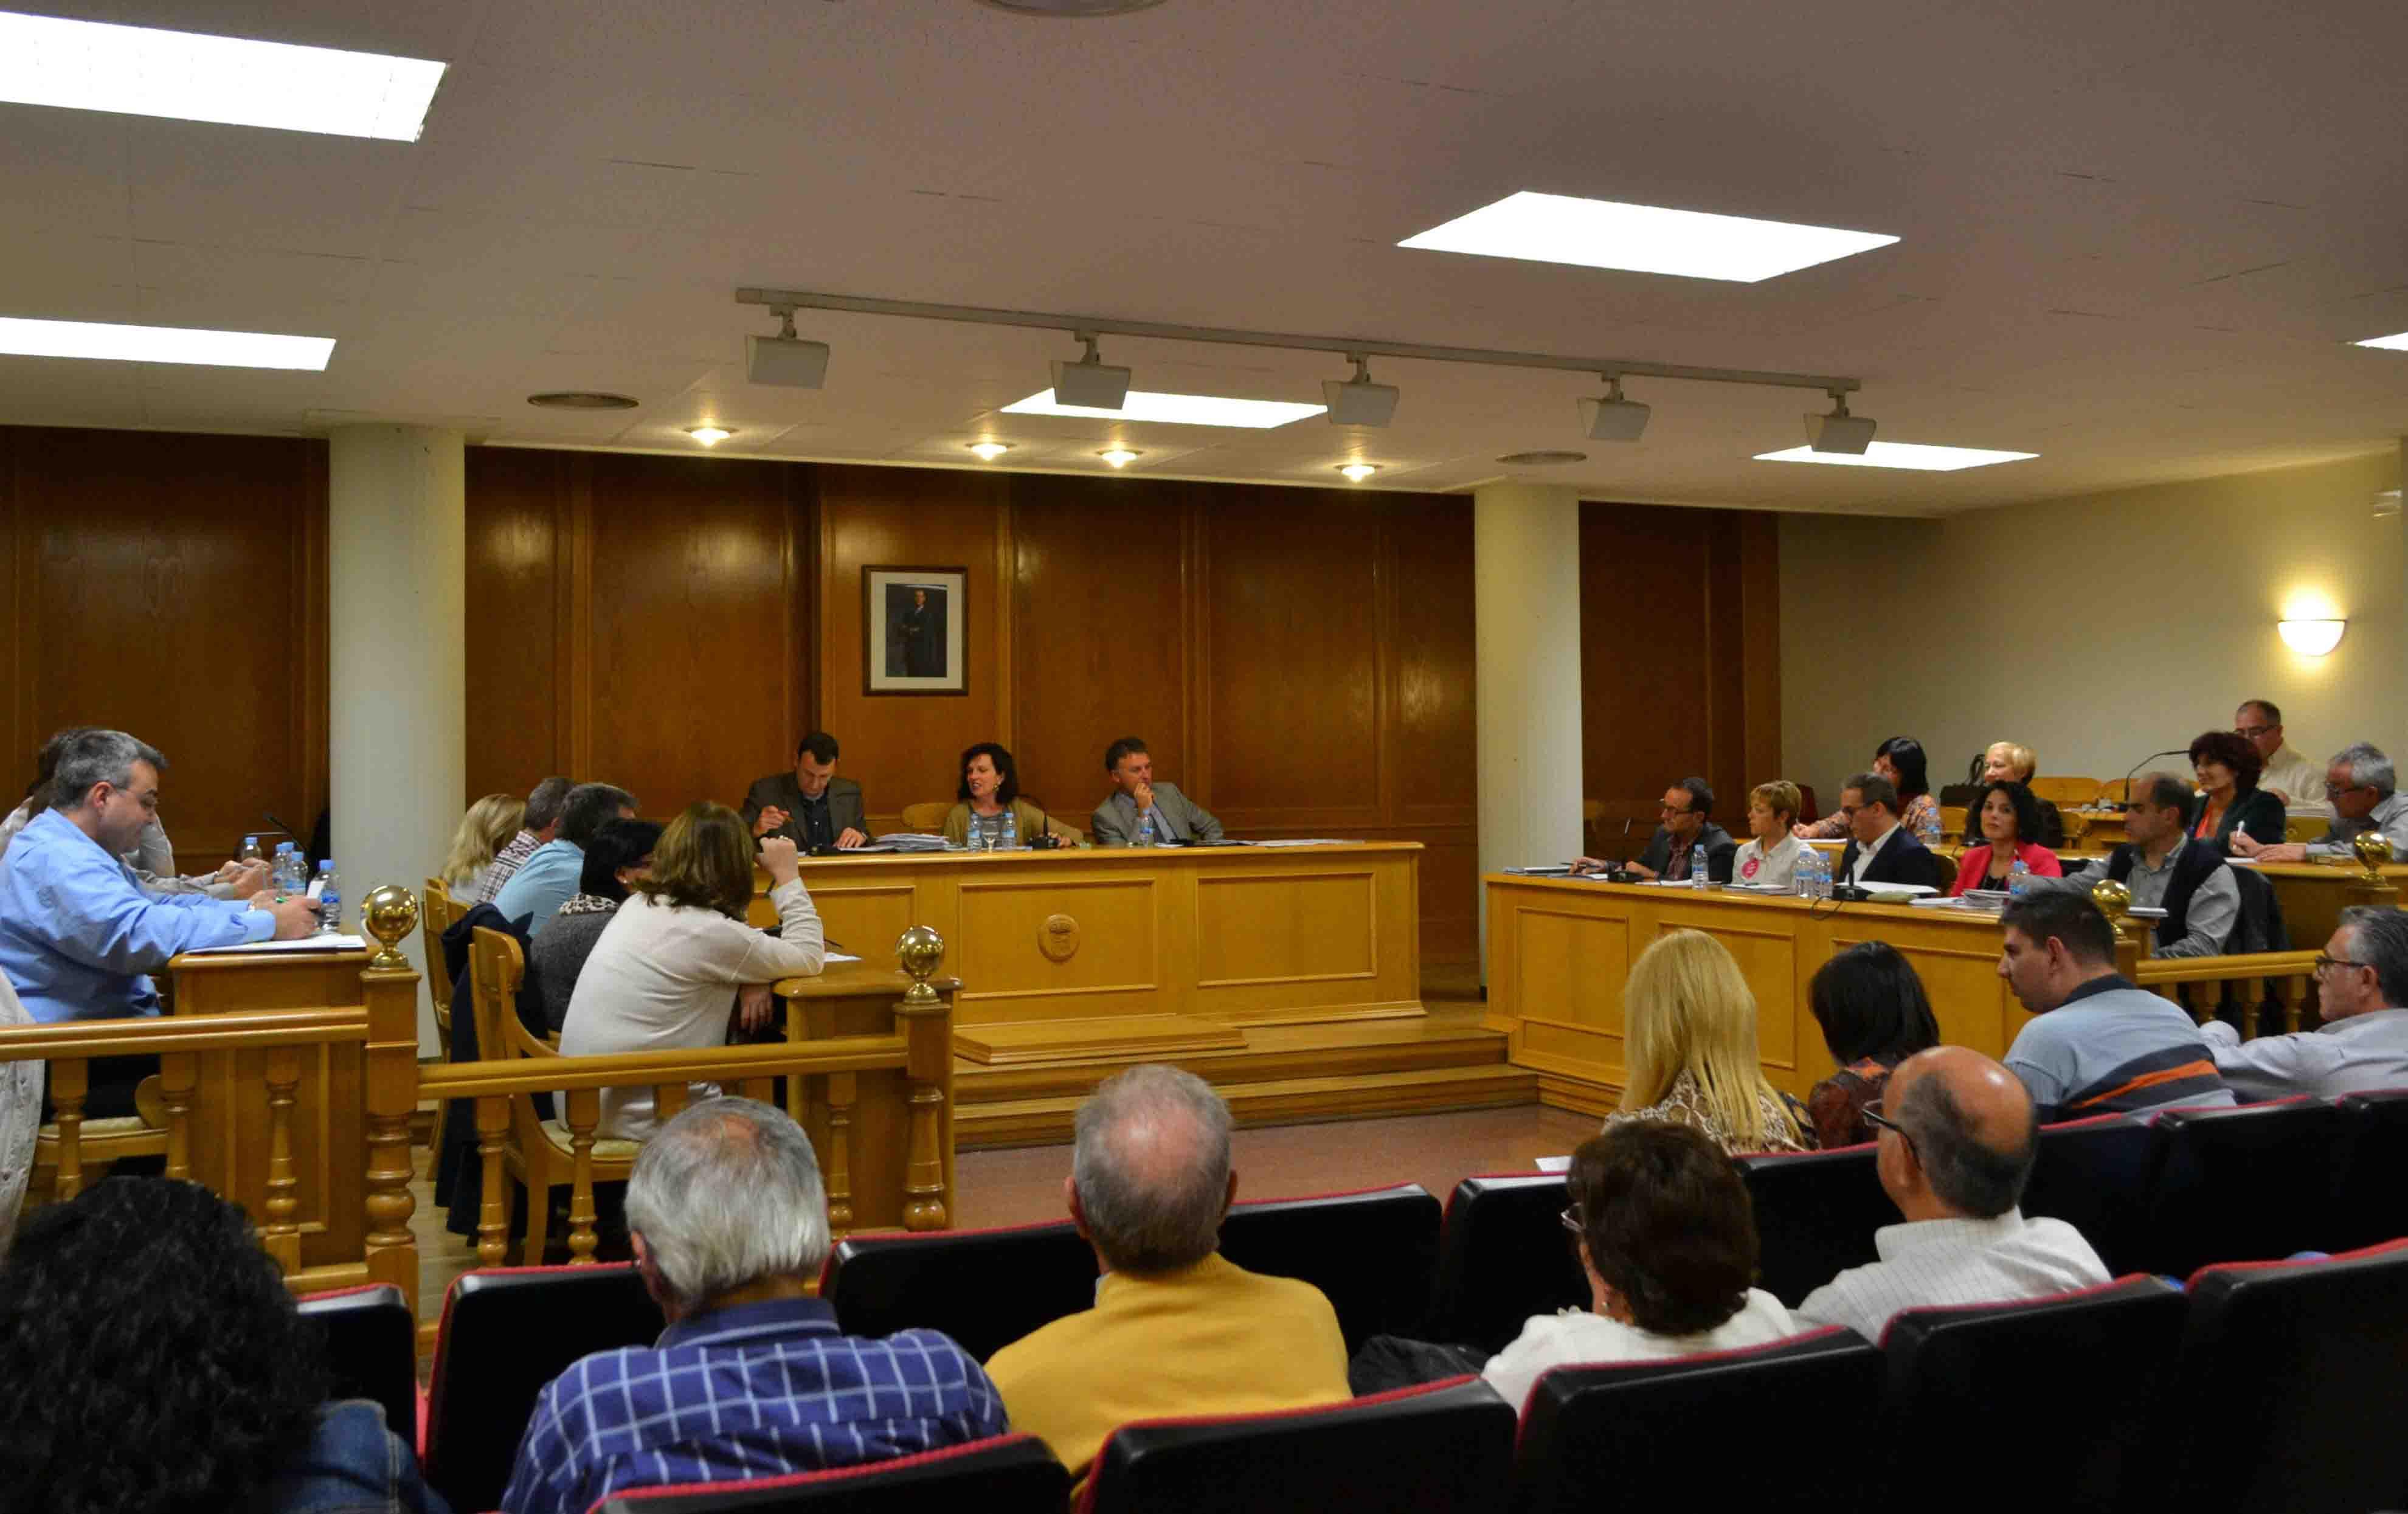 El pleno del Ayuntamiento declara Quart de Poblet ciudad acogedora de refugiados